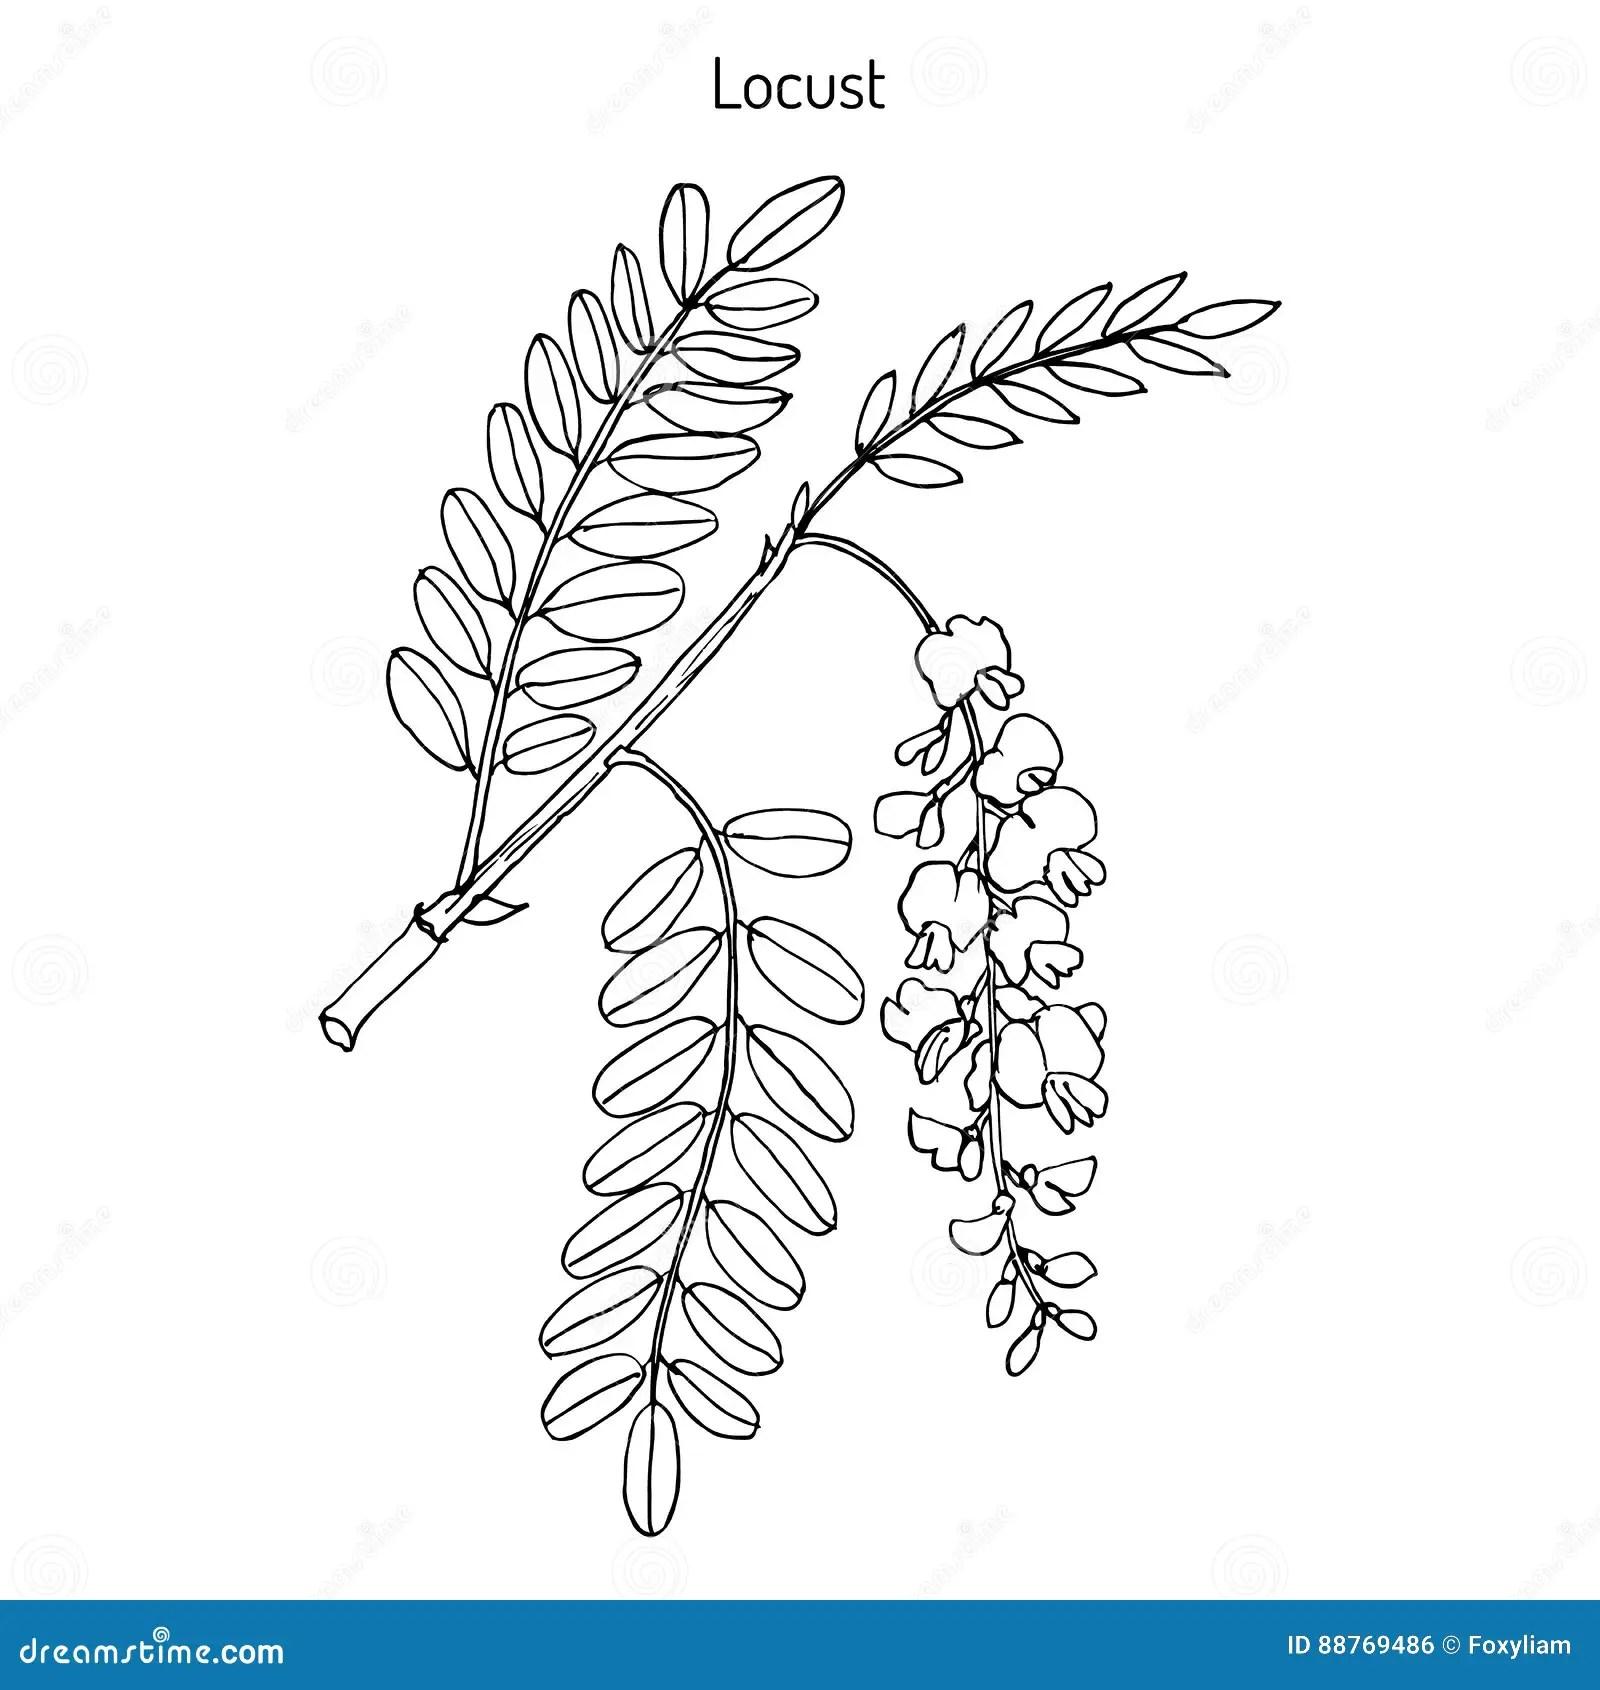 Robinia Pseudoacacia Or Black Locust Stock Vector